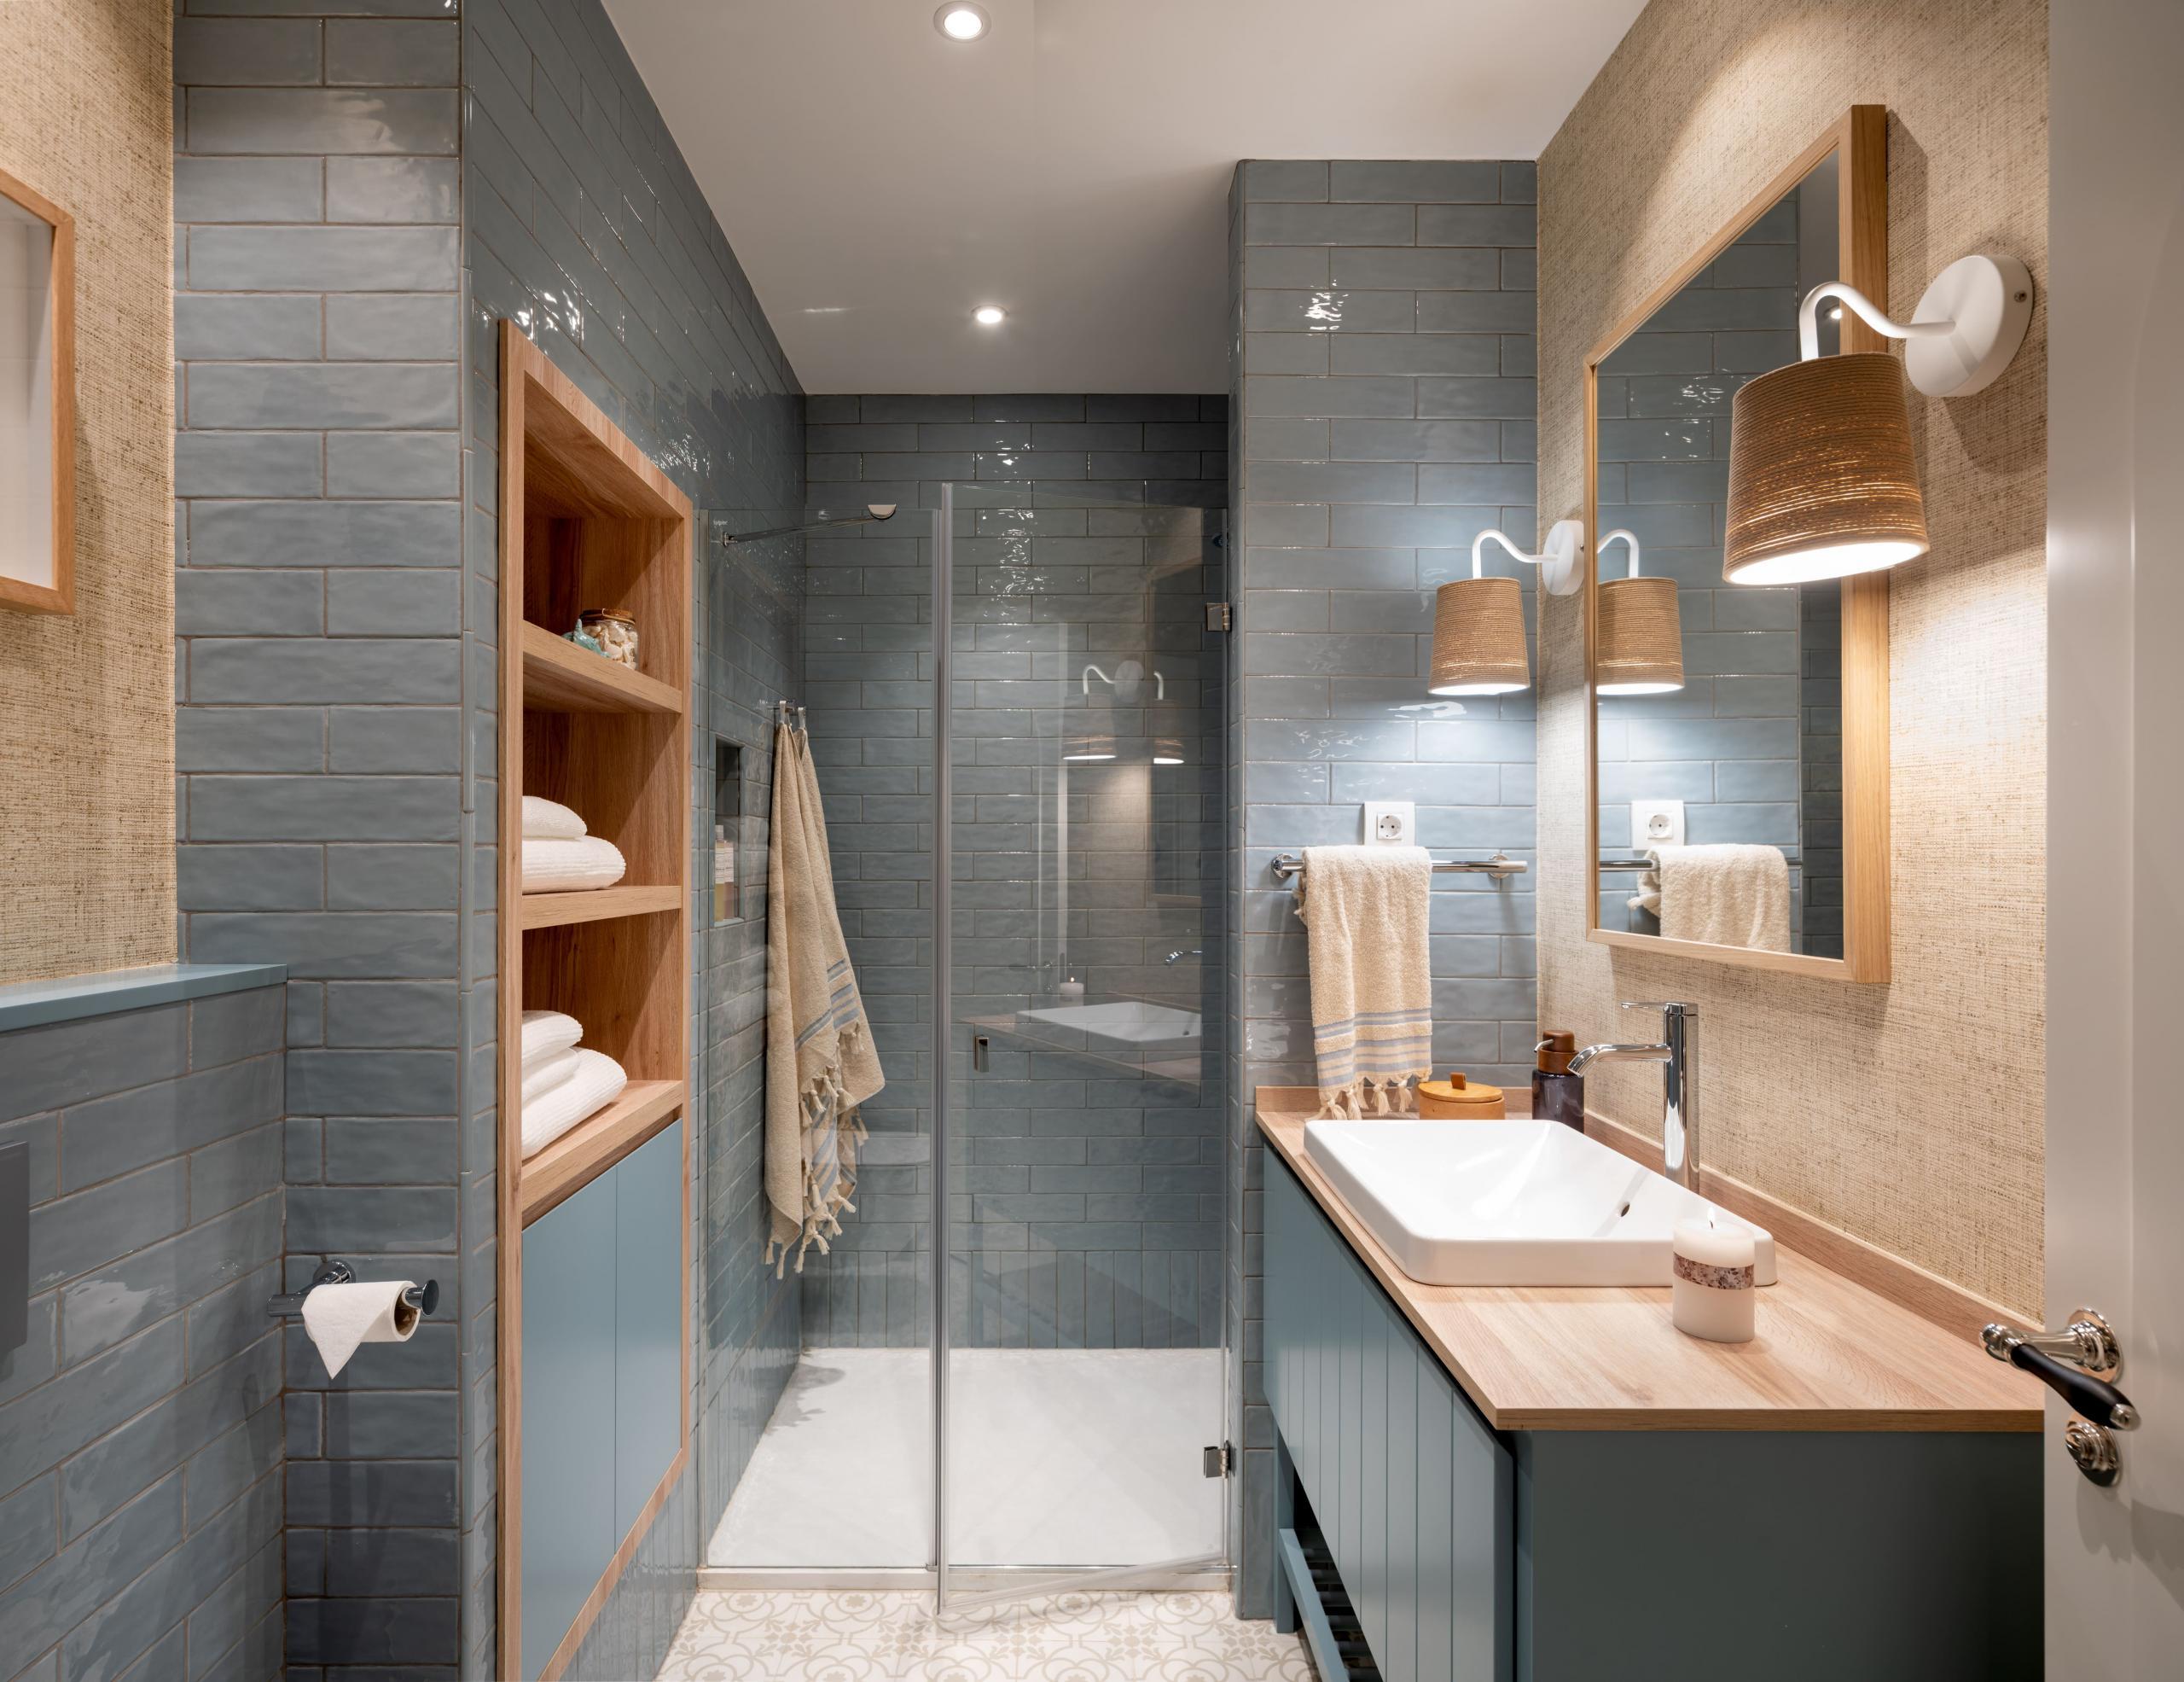 Diseño de cuarto de baño en azul